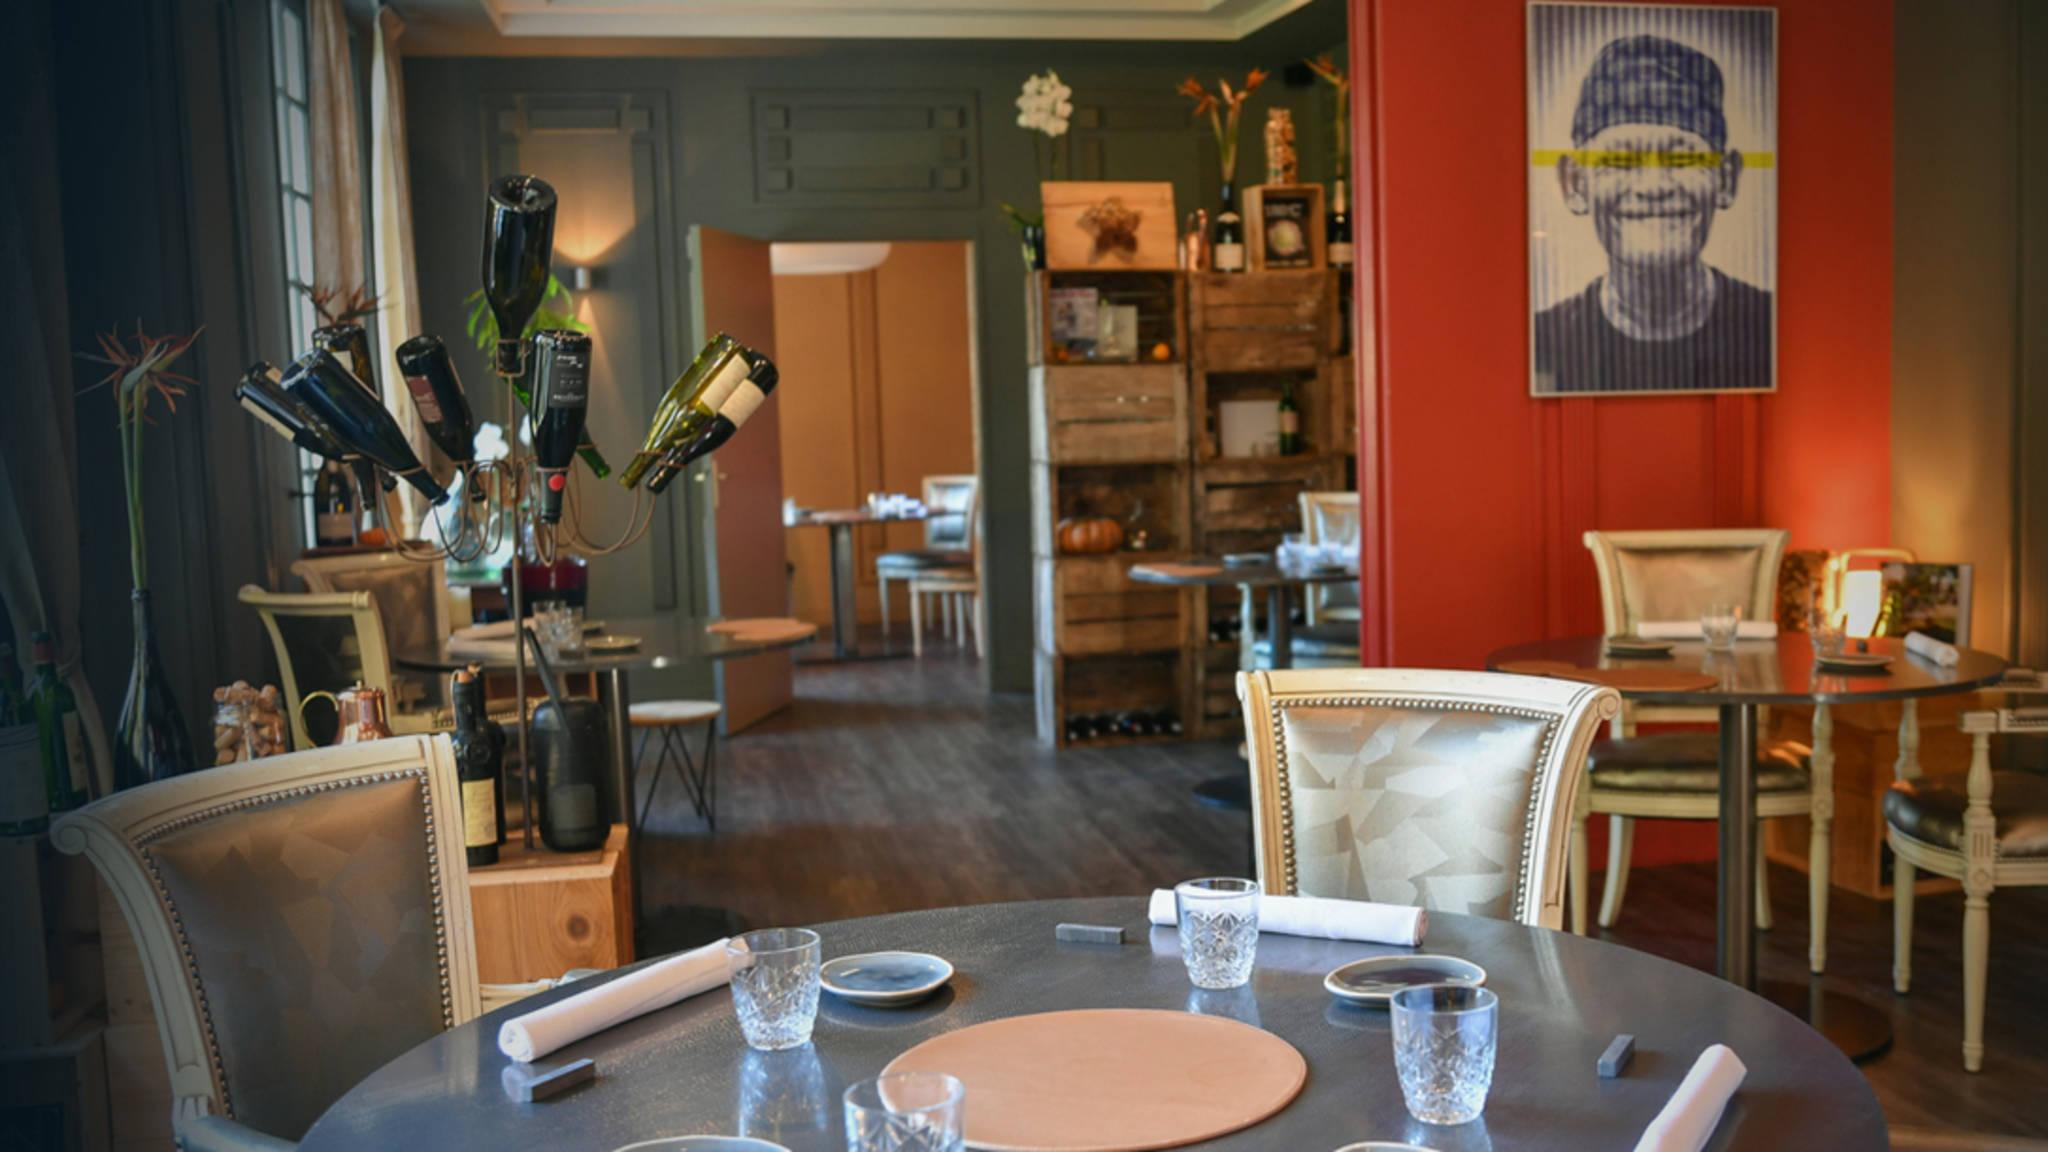 Restaurant Le Plaisir Des Sens Niort restaurant la belle etoile à niort, poitou-charentes, france